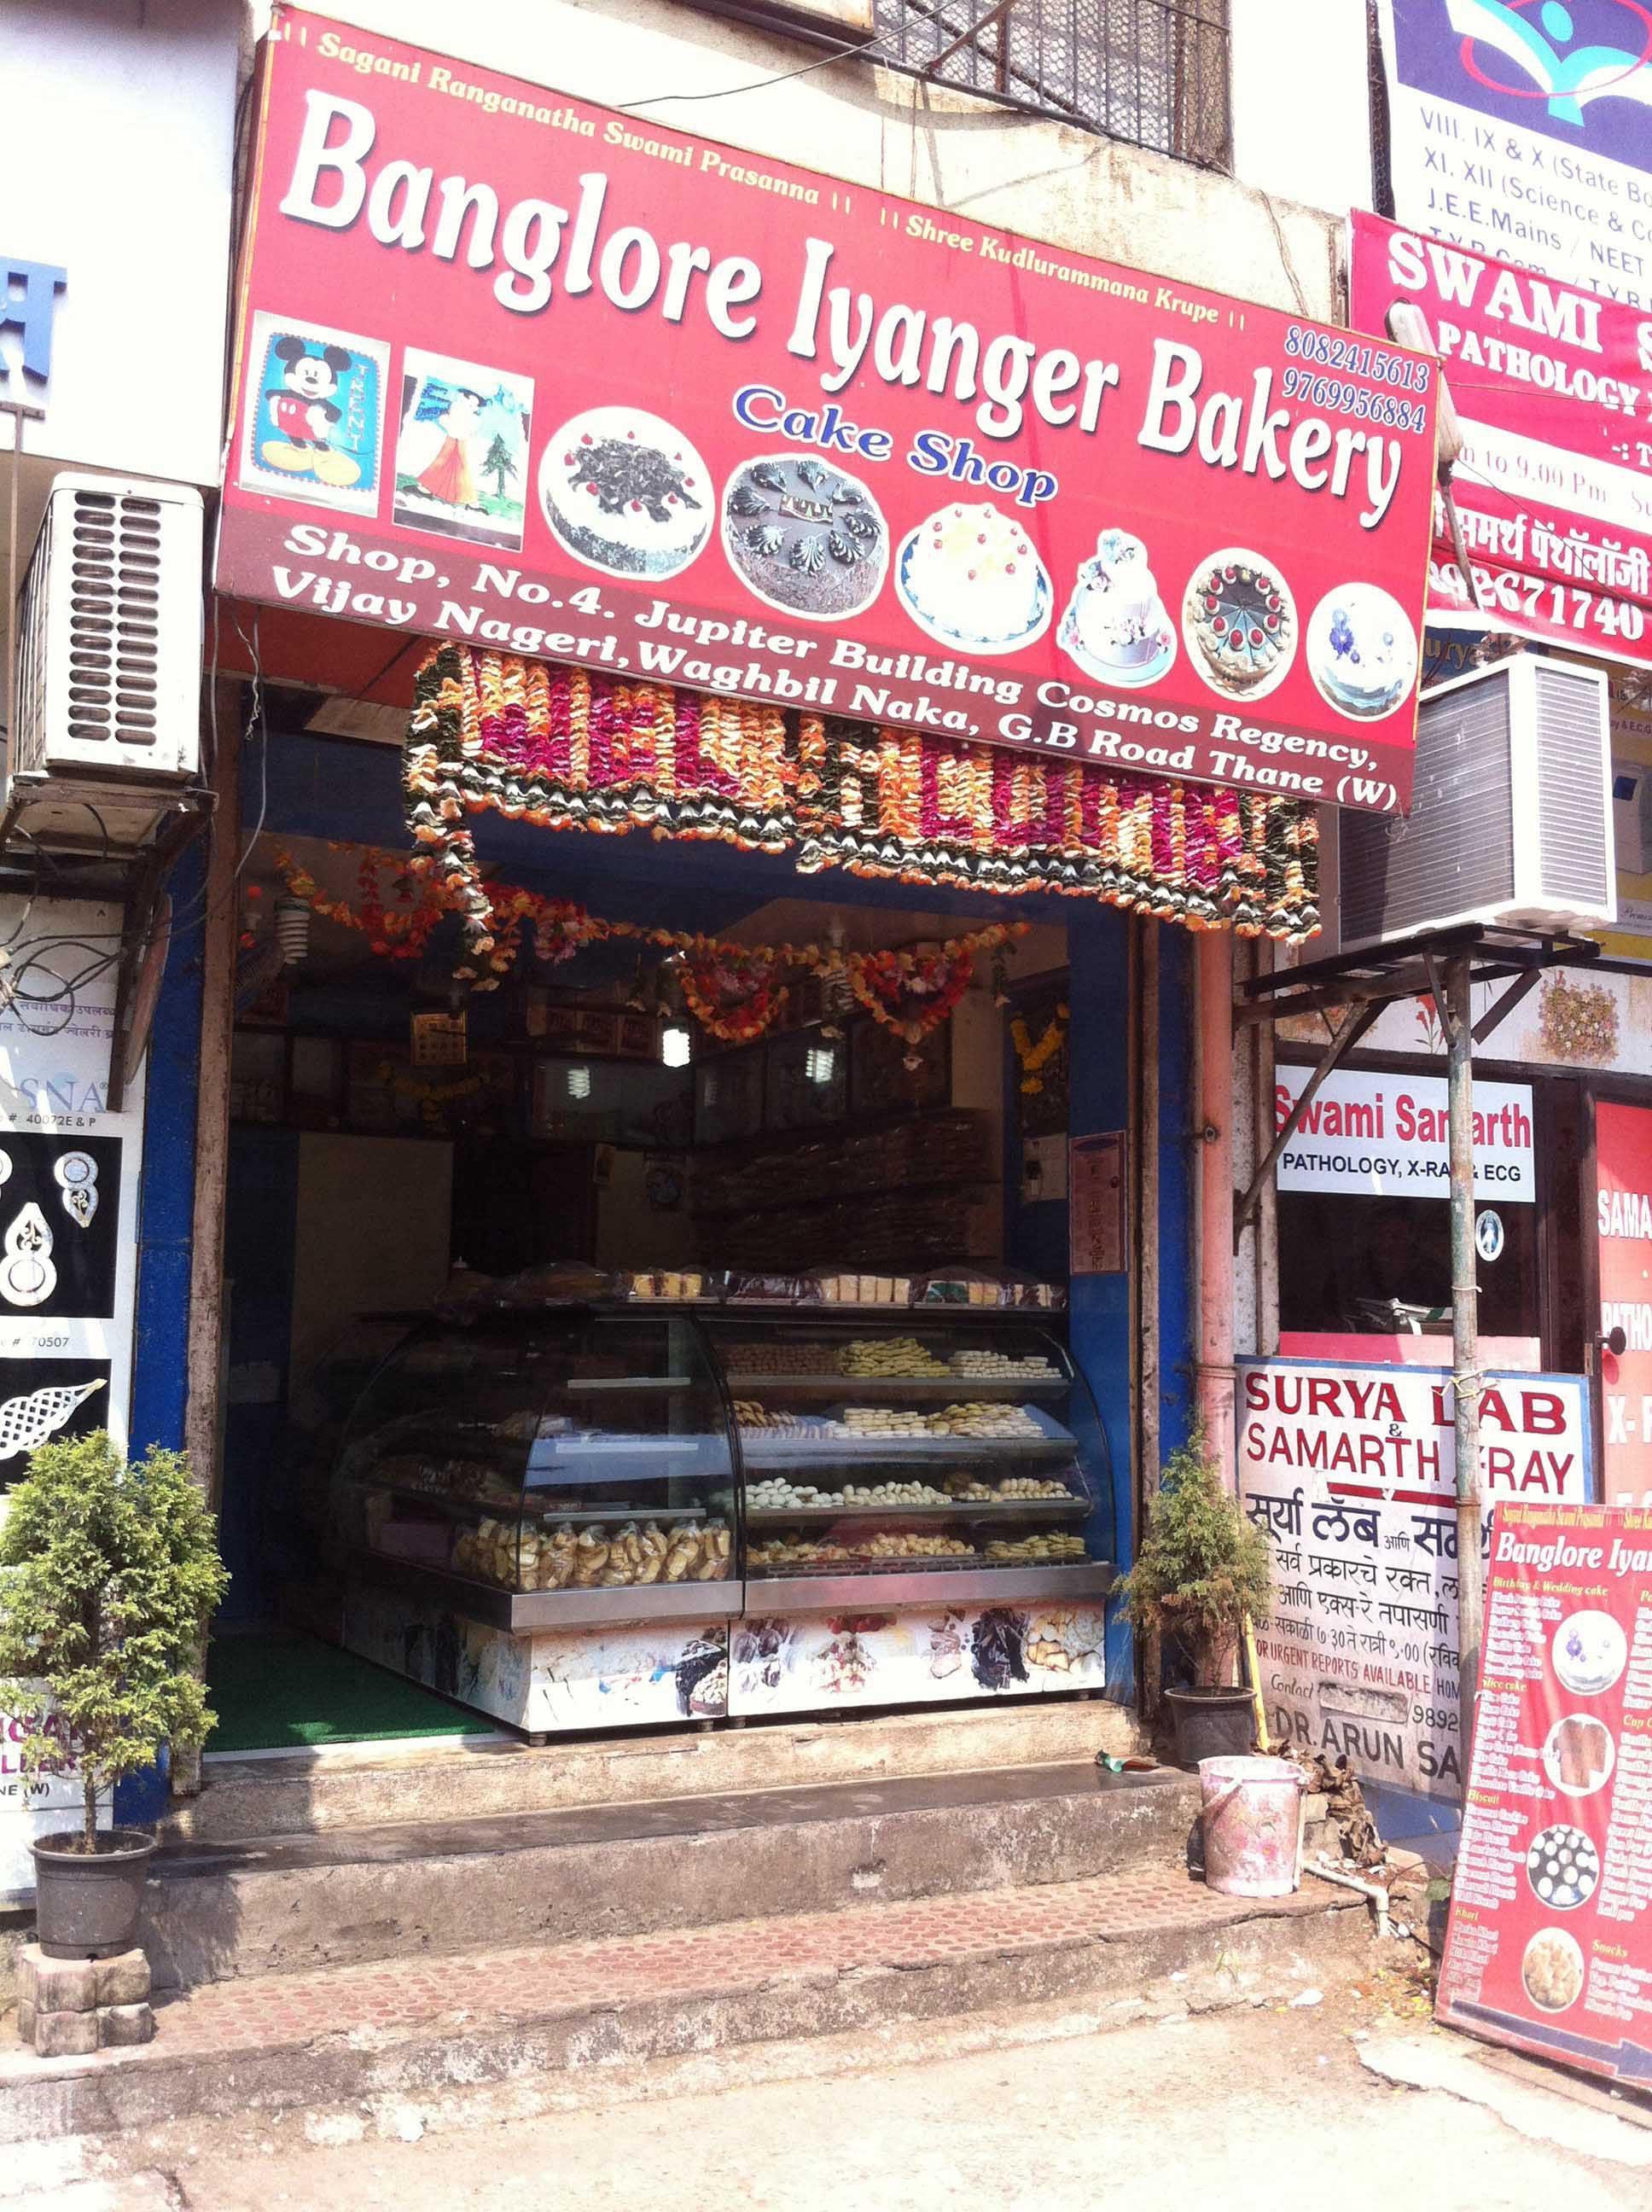 Bangalore Iyangars Bakery - Hiranandani Estate - Thane Image